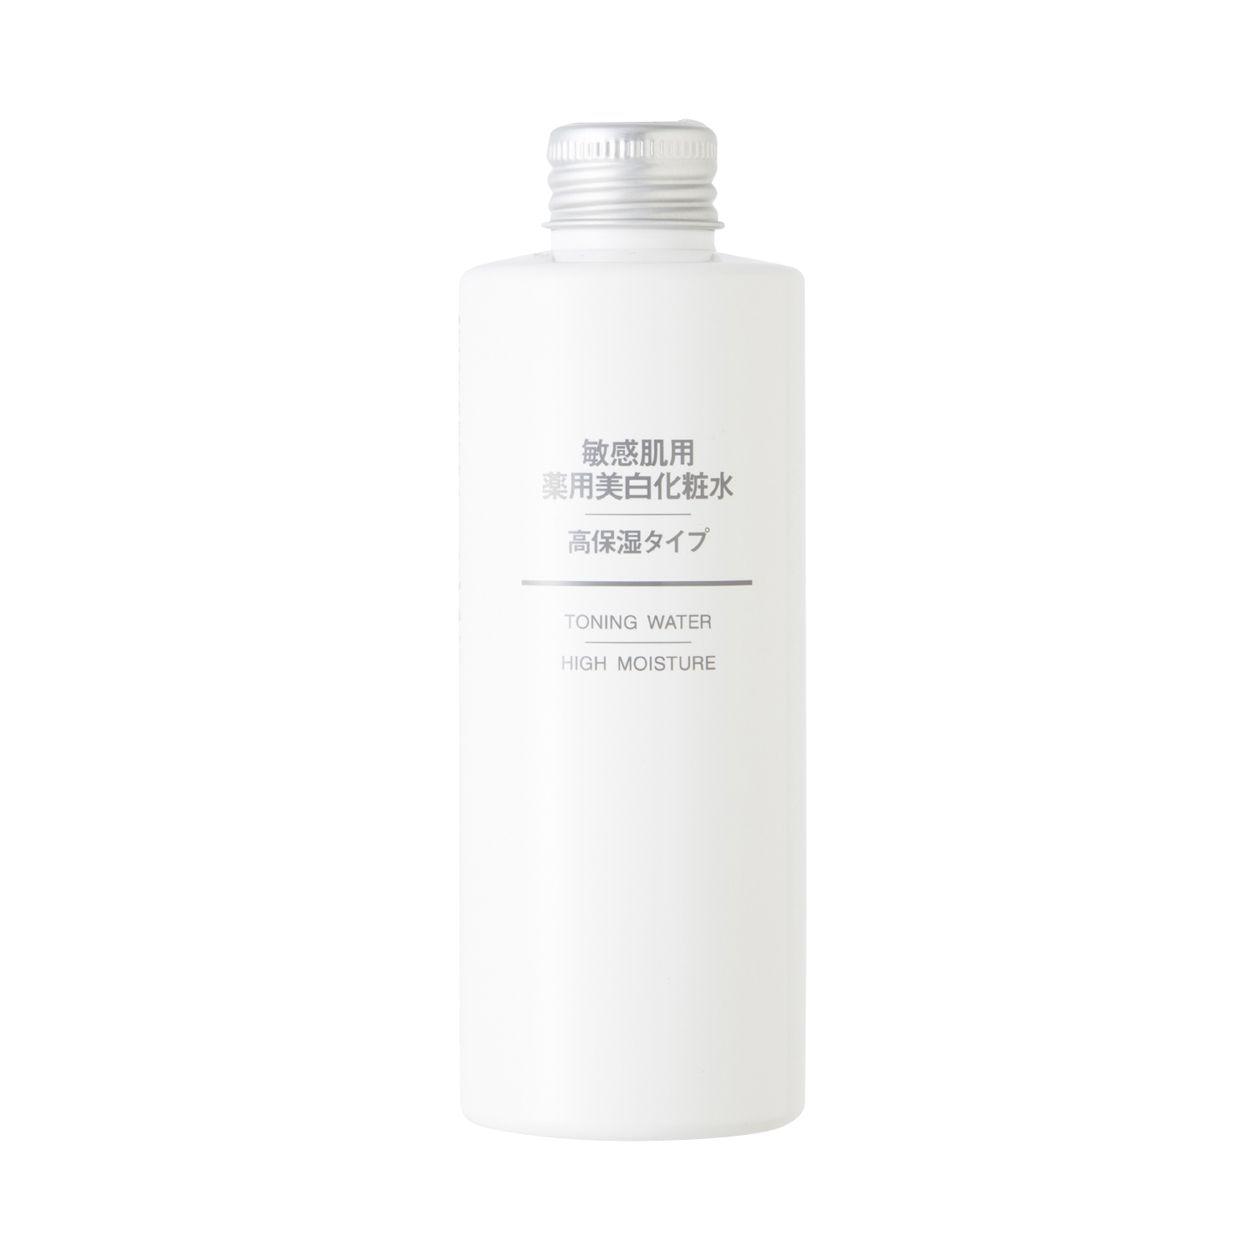 敏感肌用薬用<<美白>>化粧水・高保湿タイプ (新)200ml